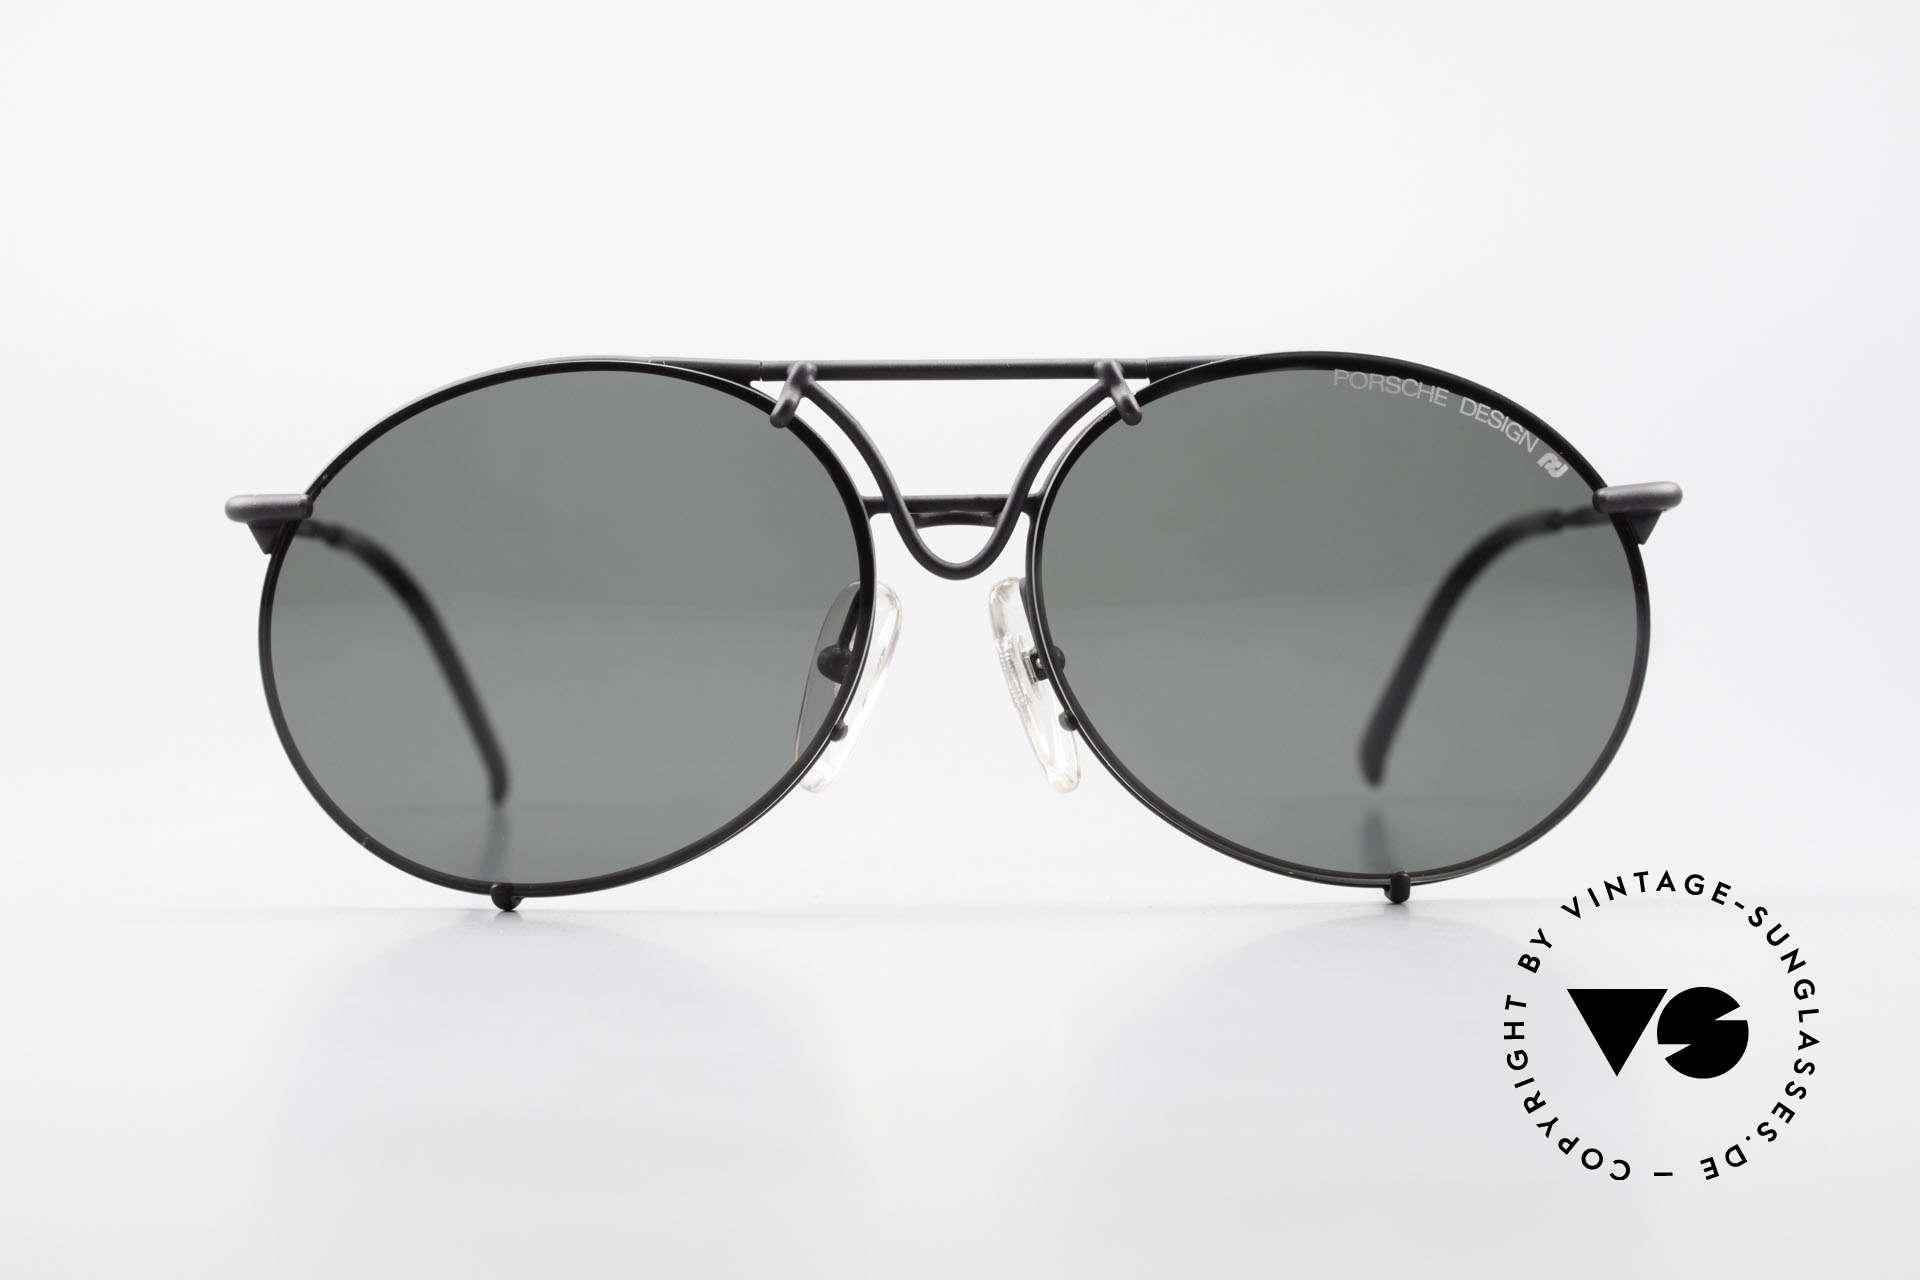 Porsche 5661 Echte 90er Sonnenbrille Rund, KEINE Retrobrille, sondern das alte Original von 1992, Passend für Herren und Damen